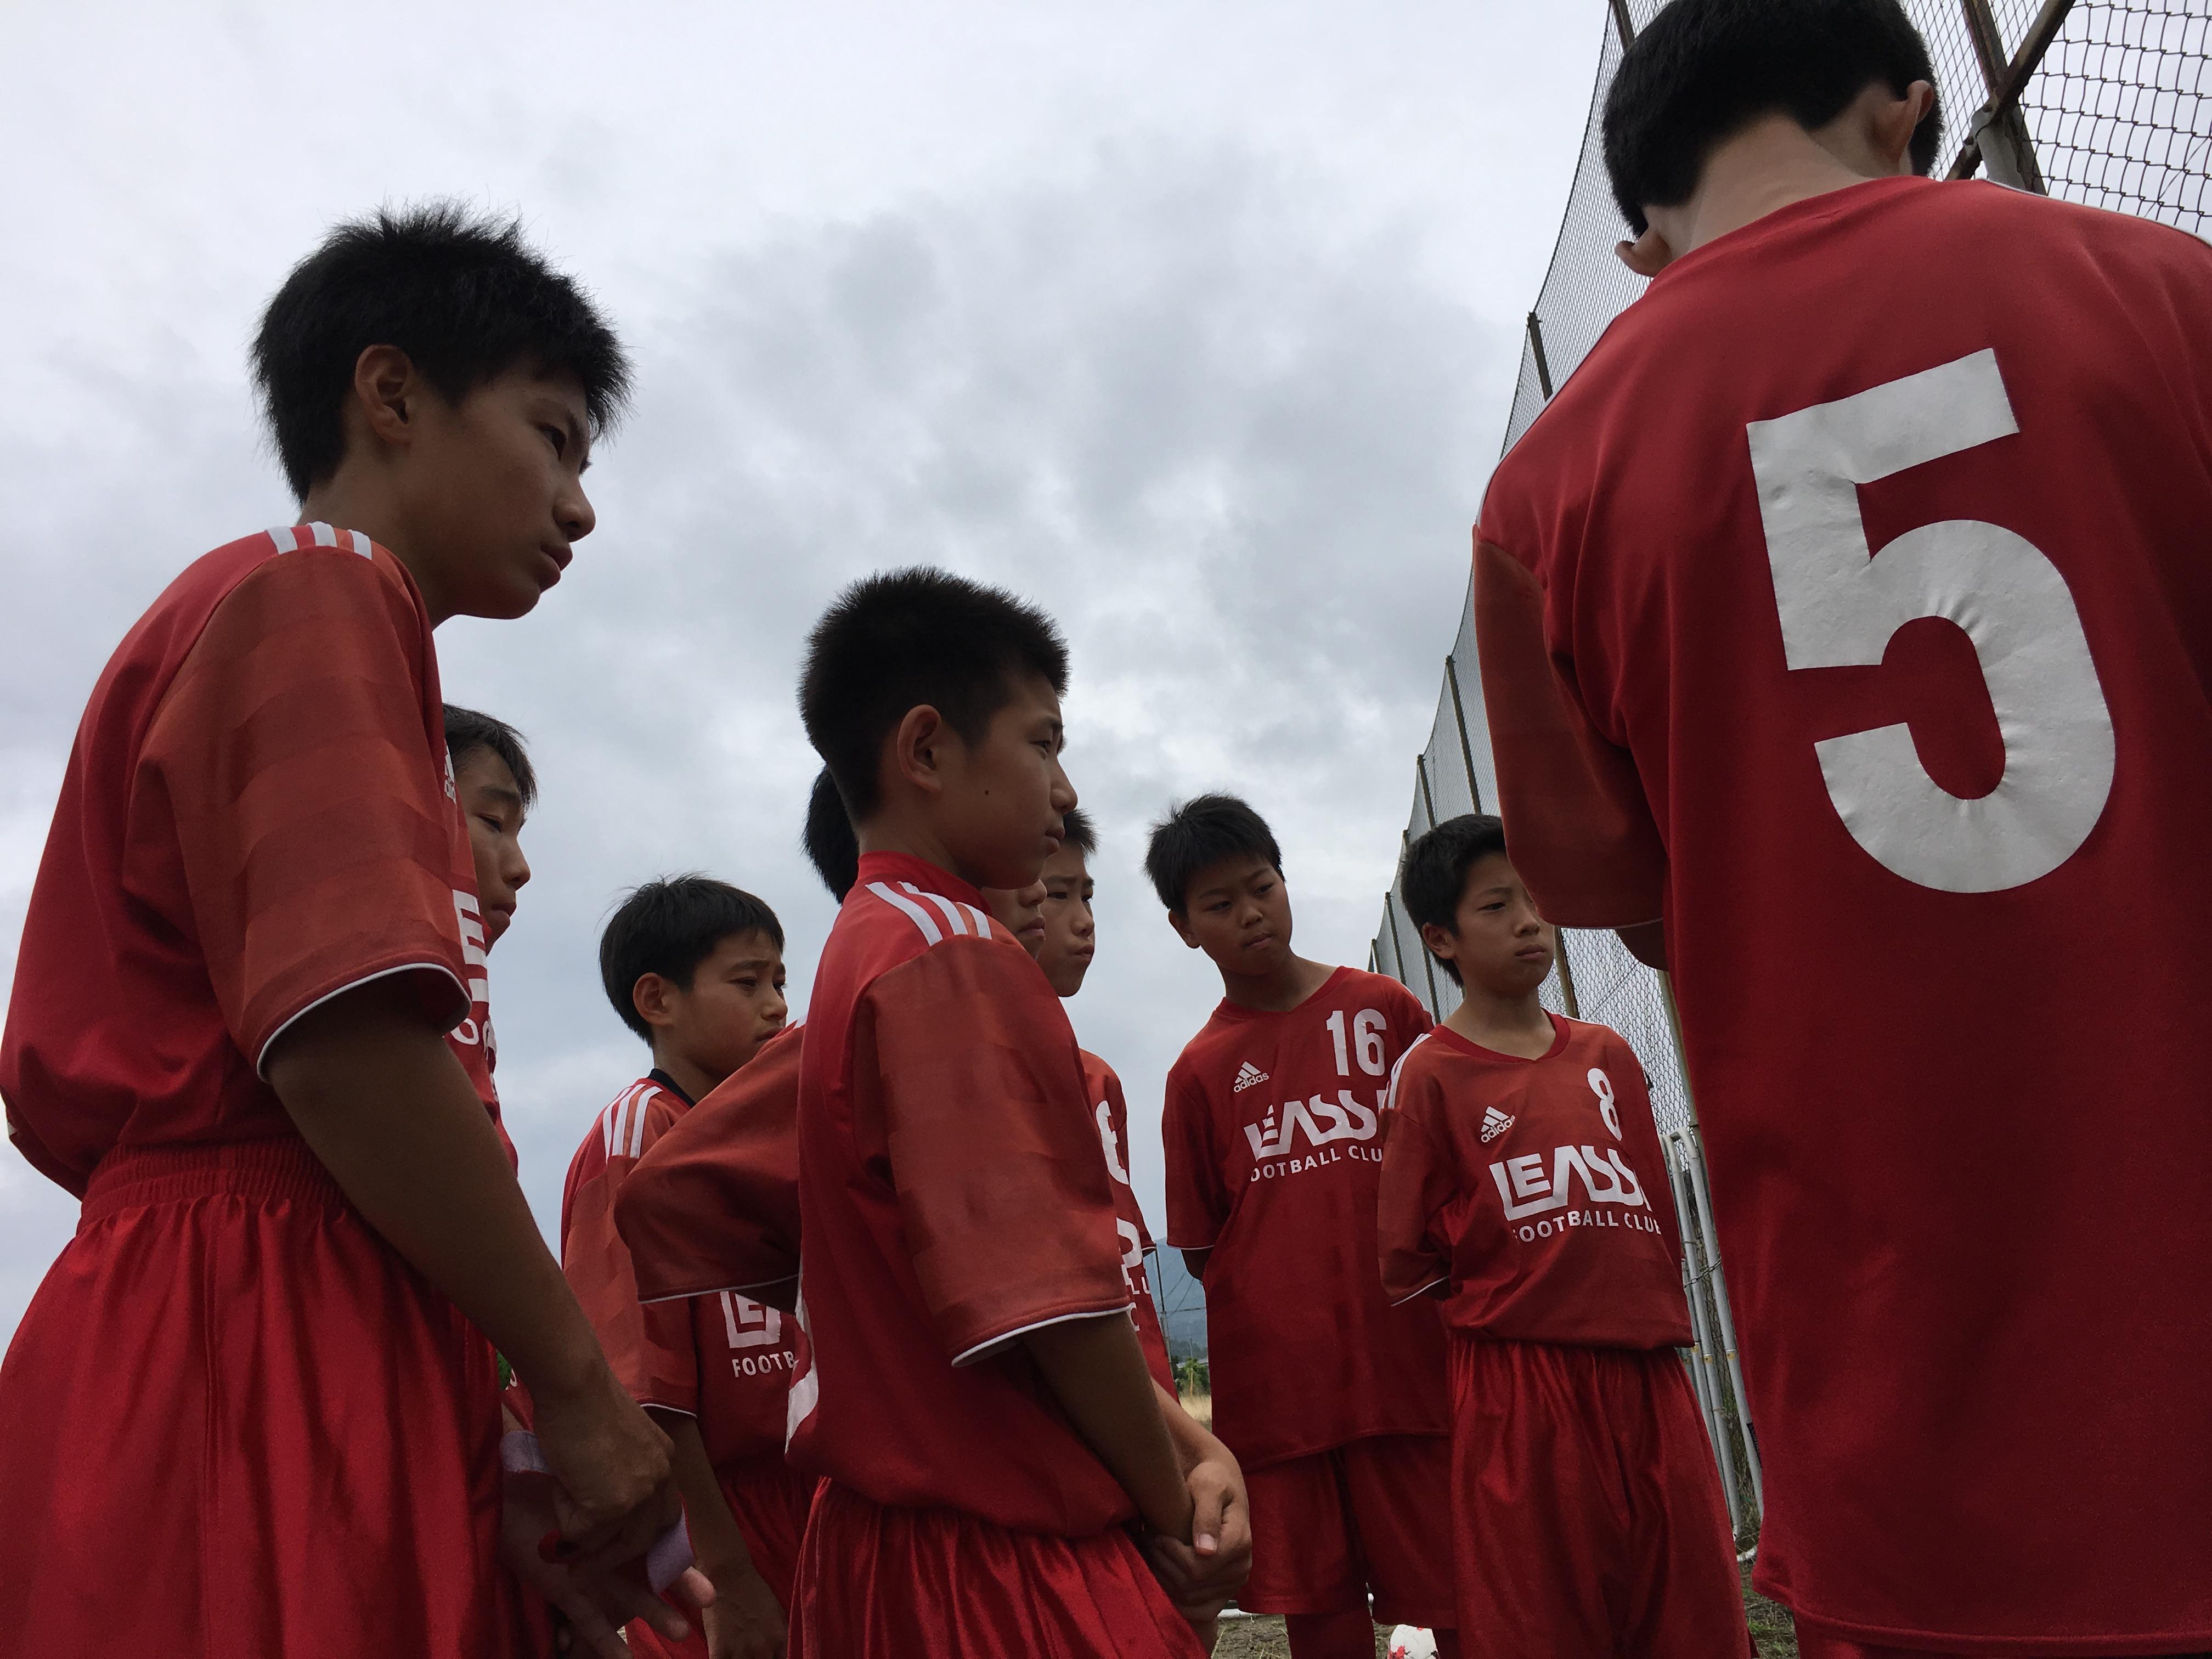 「大人のサッカー」について考察する